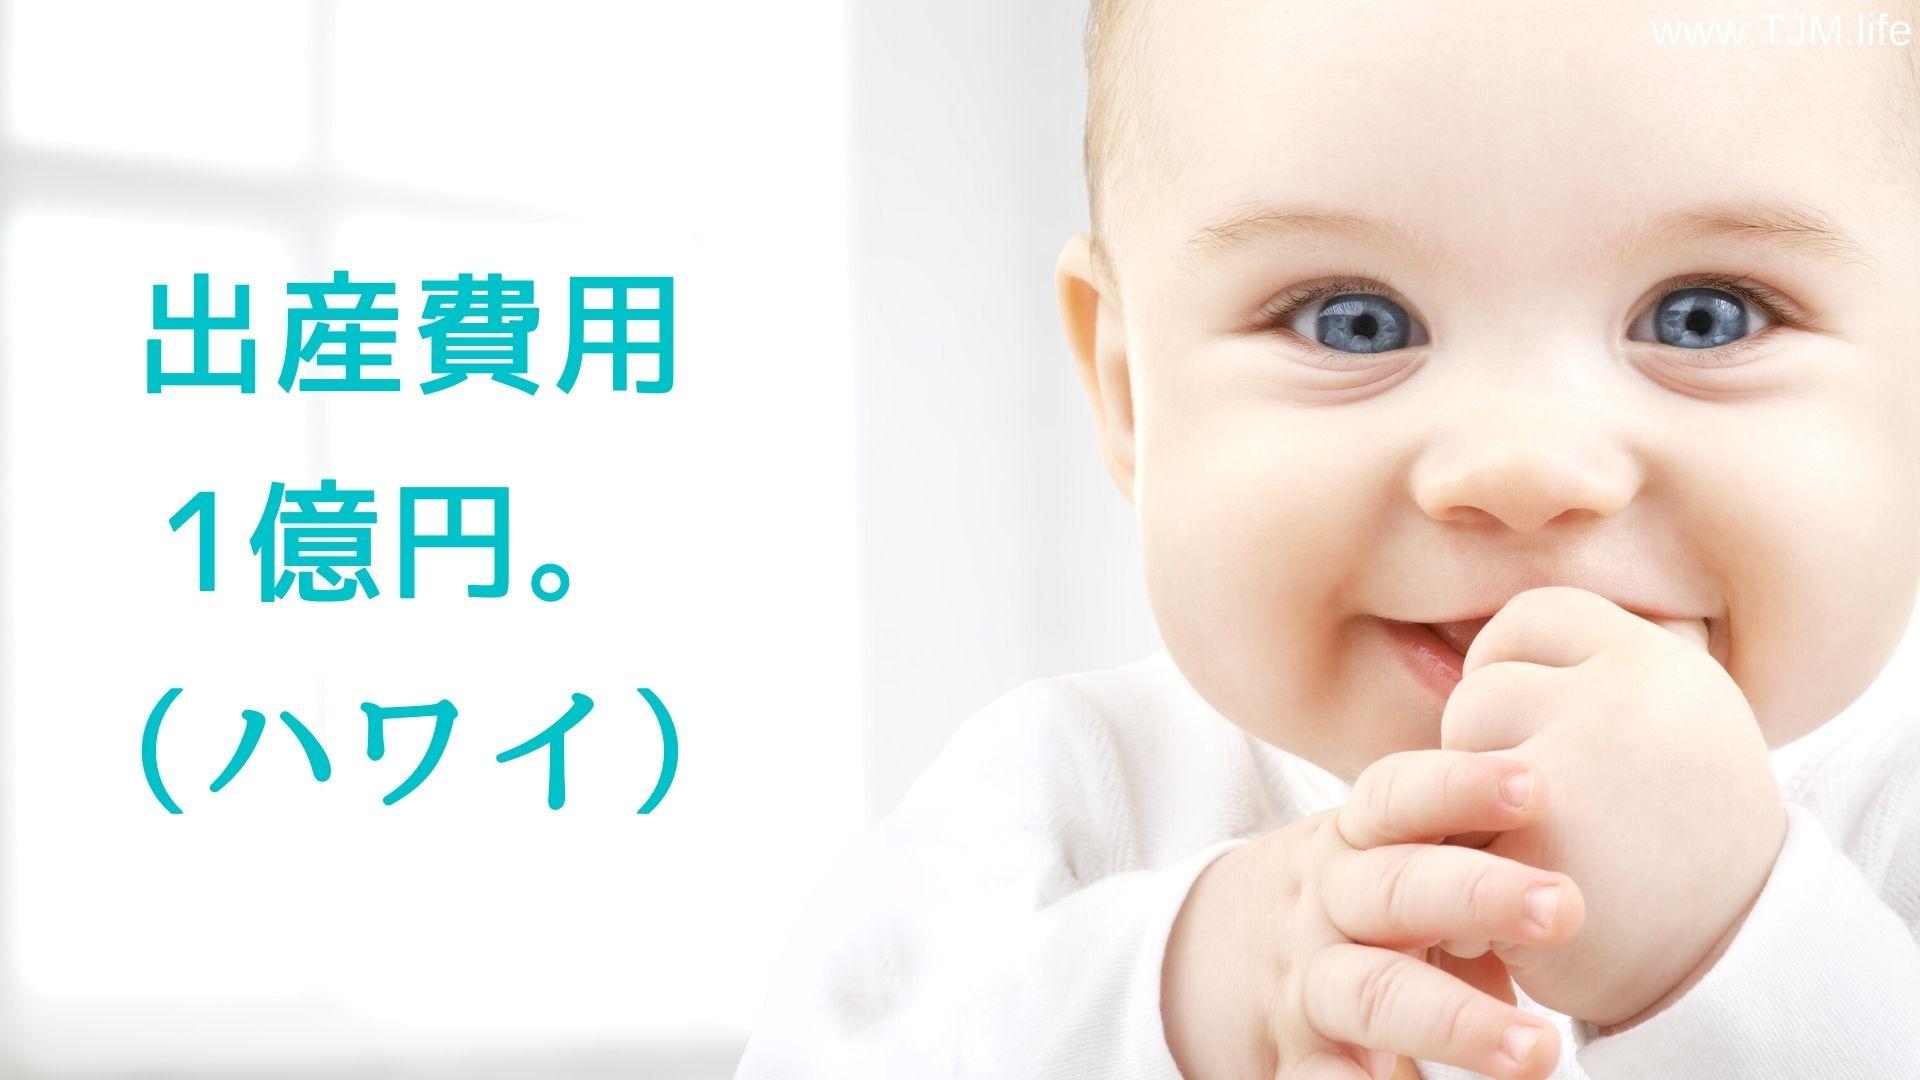 出産費用、1億円(ハワイ)